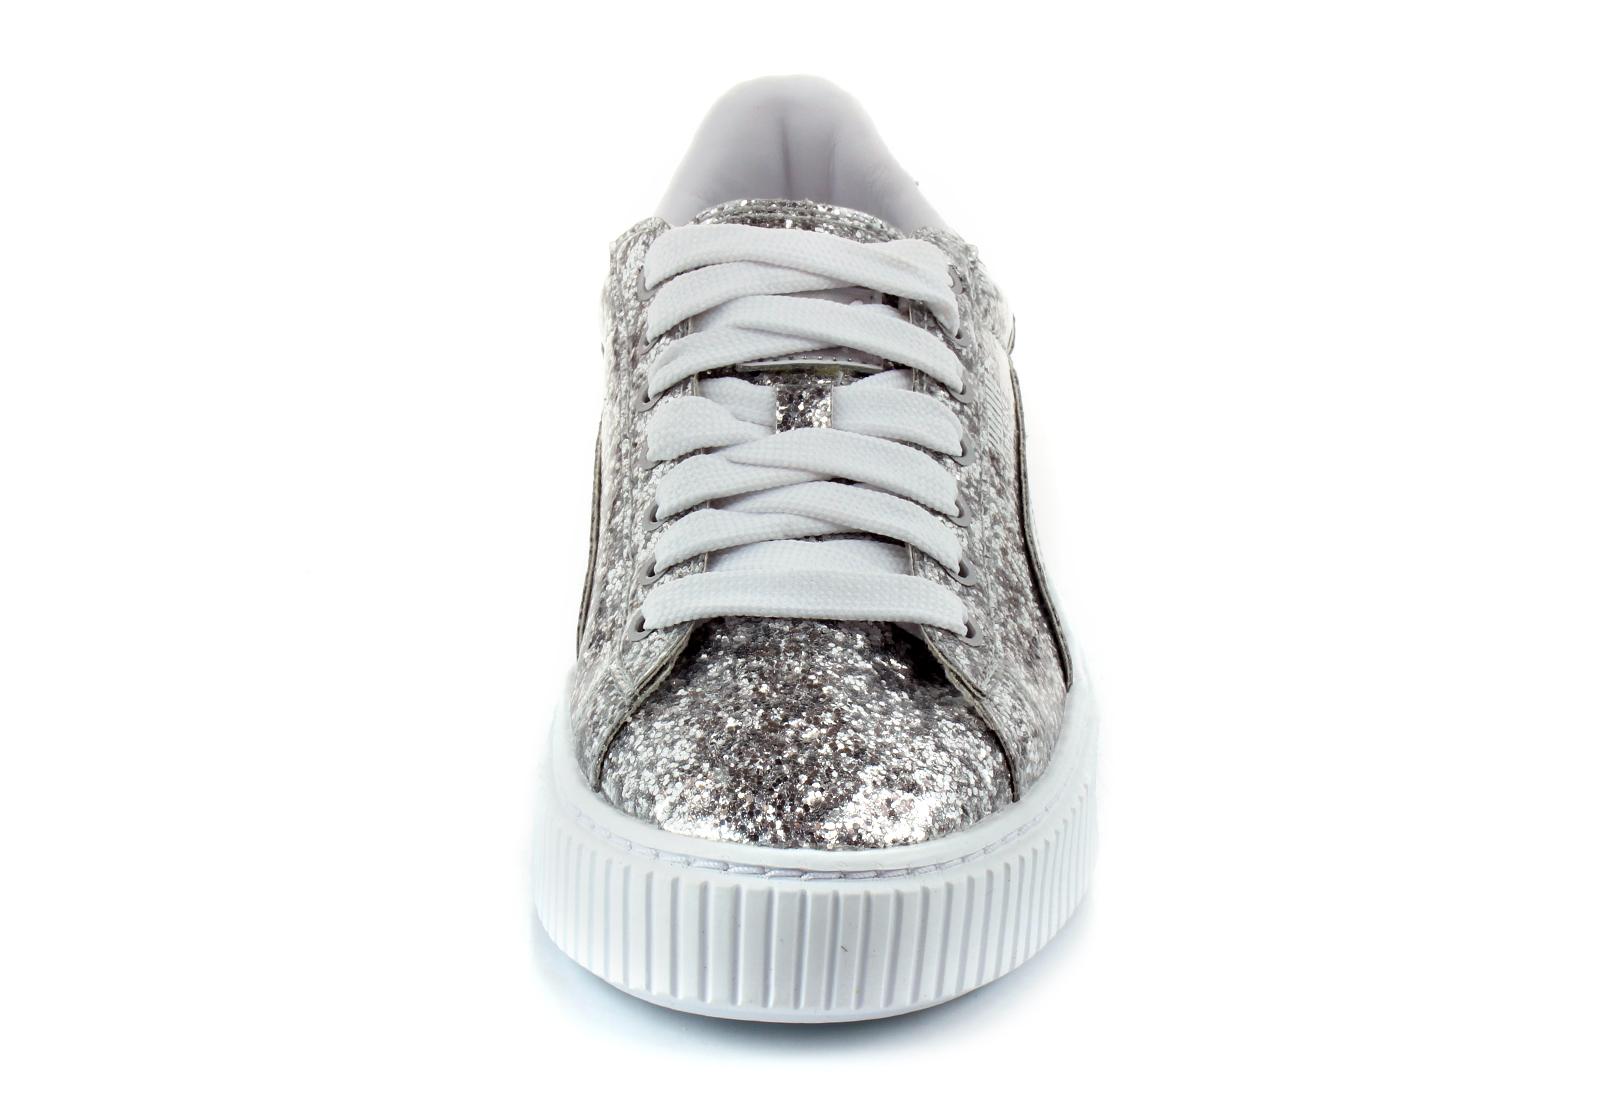 5e703331186482 Puma Shoes - Basket Platform Glitter Wns - 36409301-slv - Online ...